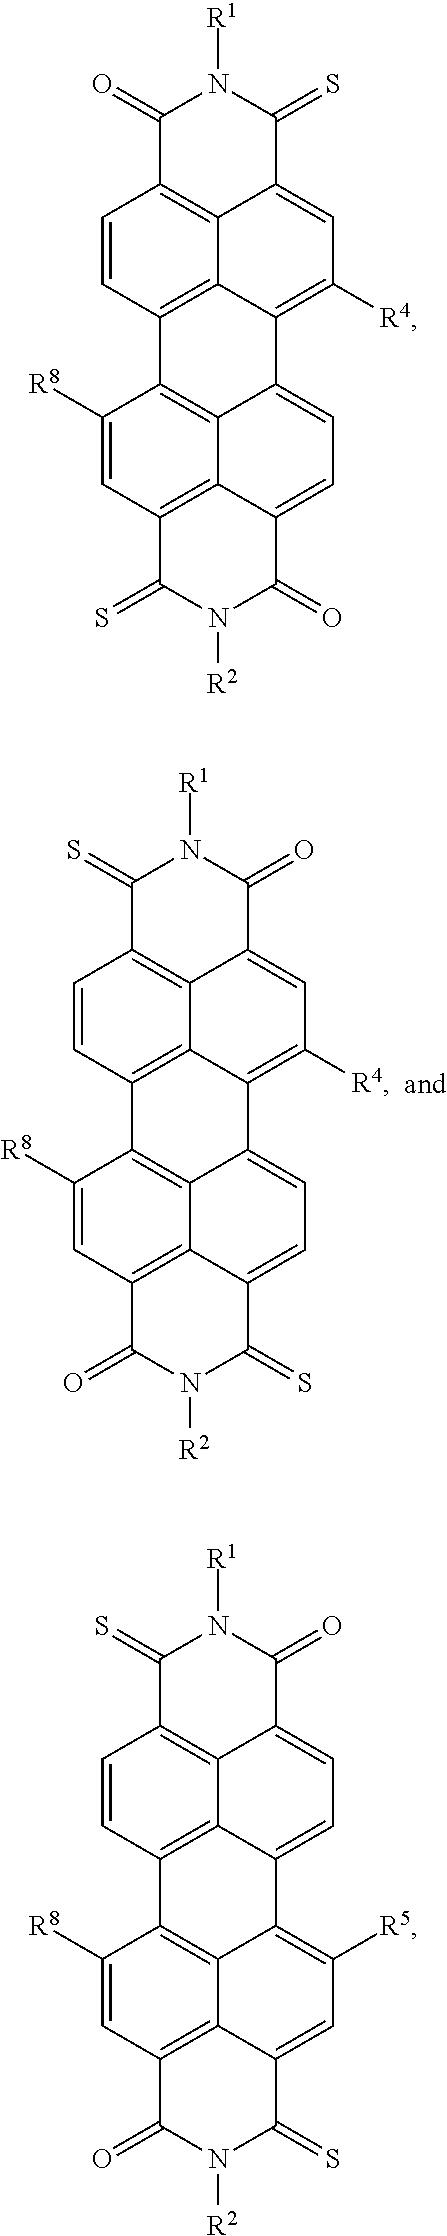 Figure US08440828-20130514-C00081